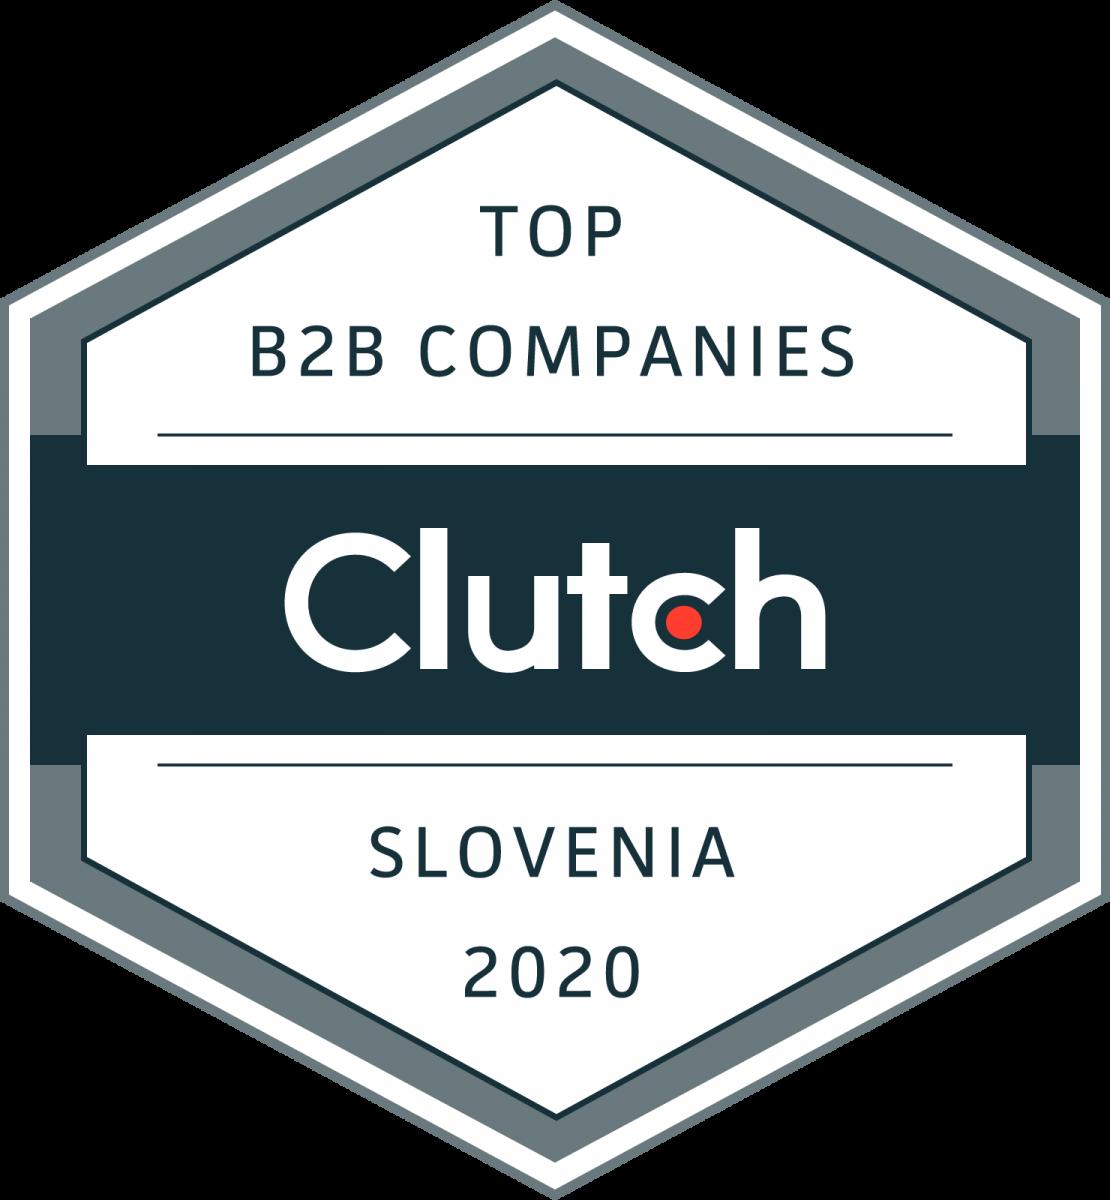 B2B Companies in Slovenia